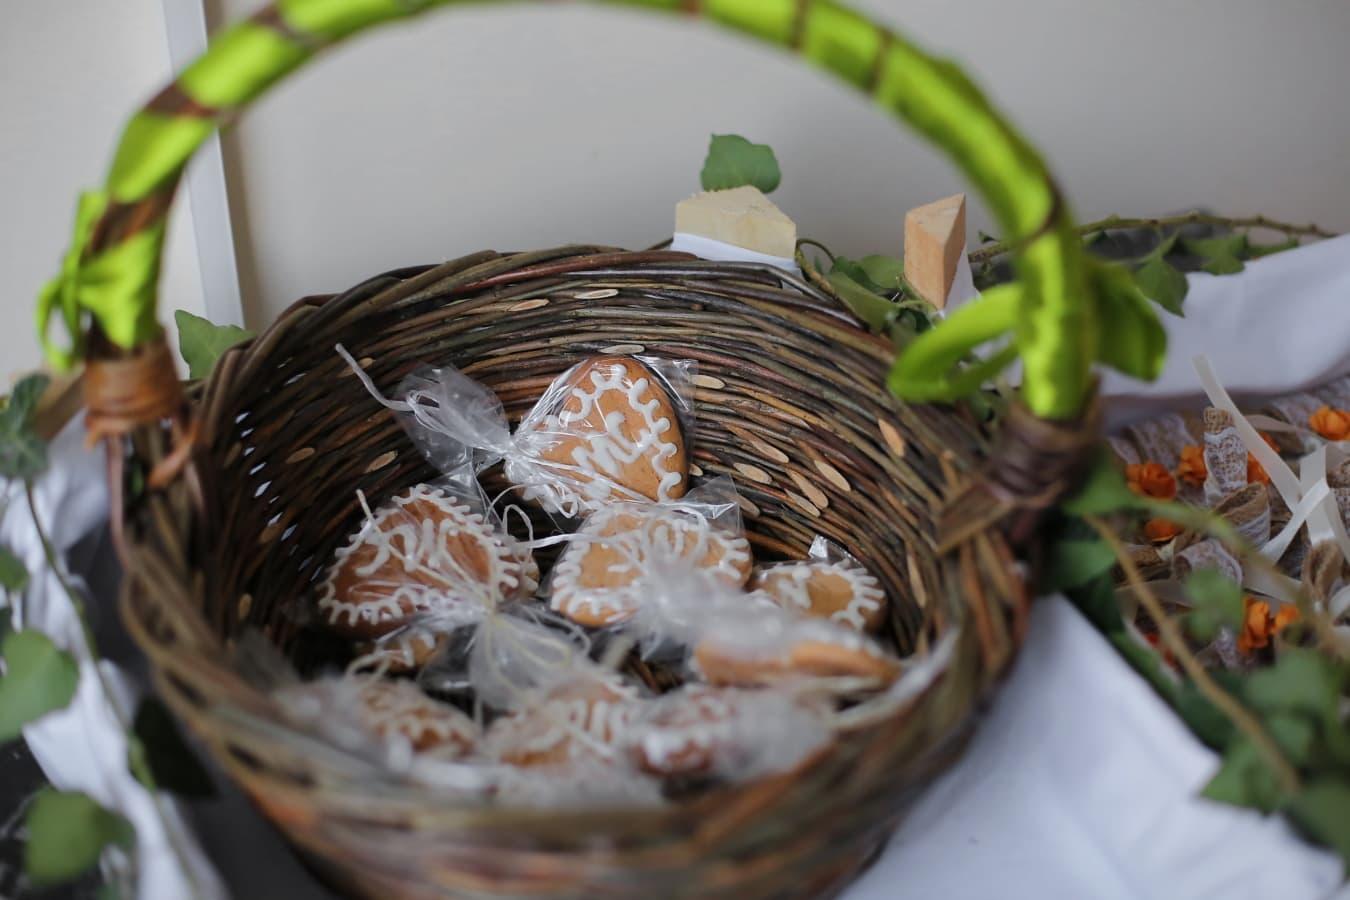 biscuits, pain d'épice, produits de boulangerie, fait main, panier en osier, panier, traditionnel, alimentaire, ingrédients, délicieux